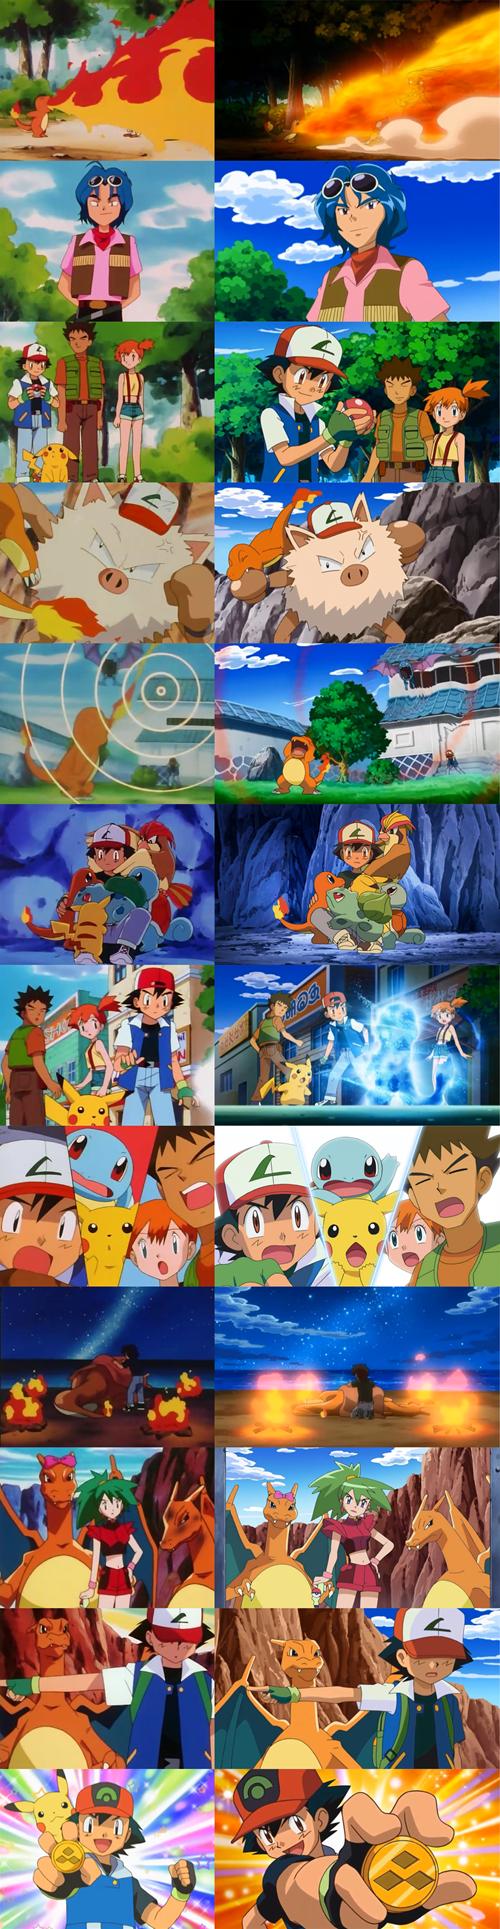 Pokémon feels anime nostalgia - 7127971840